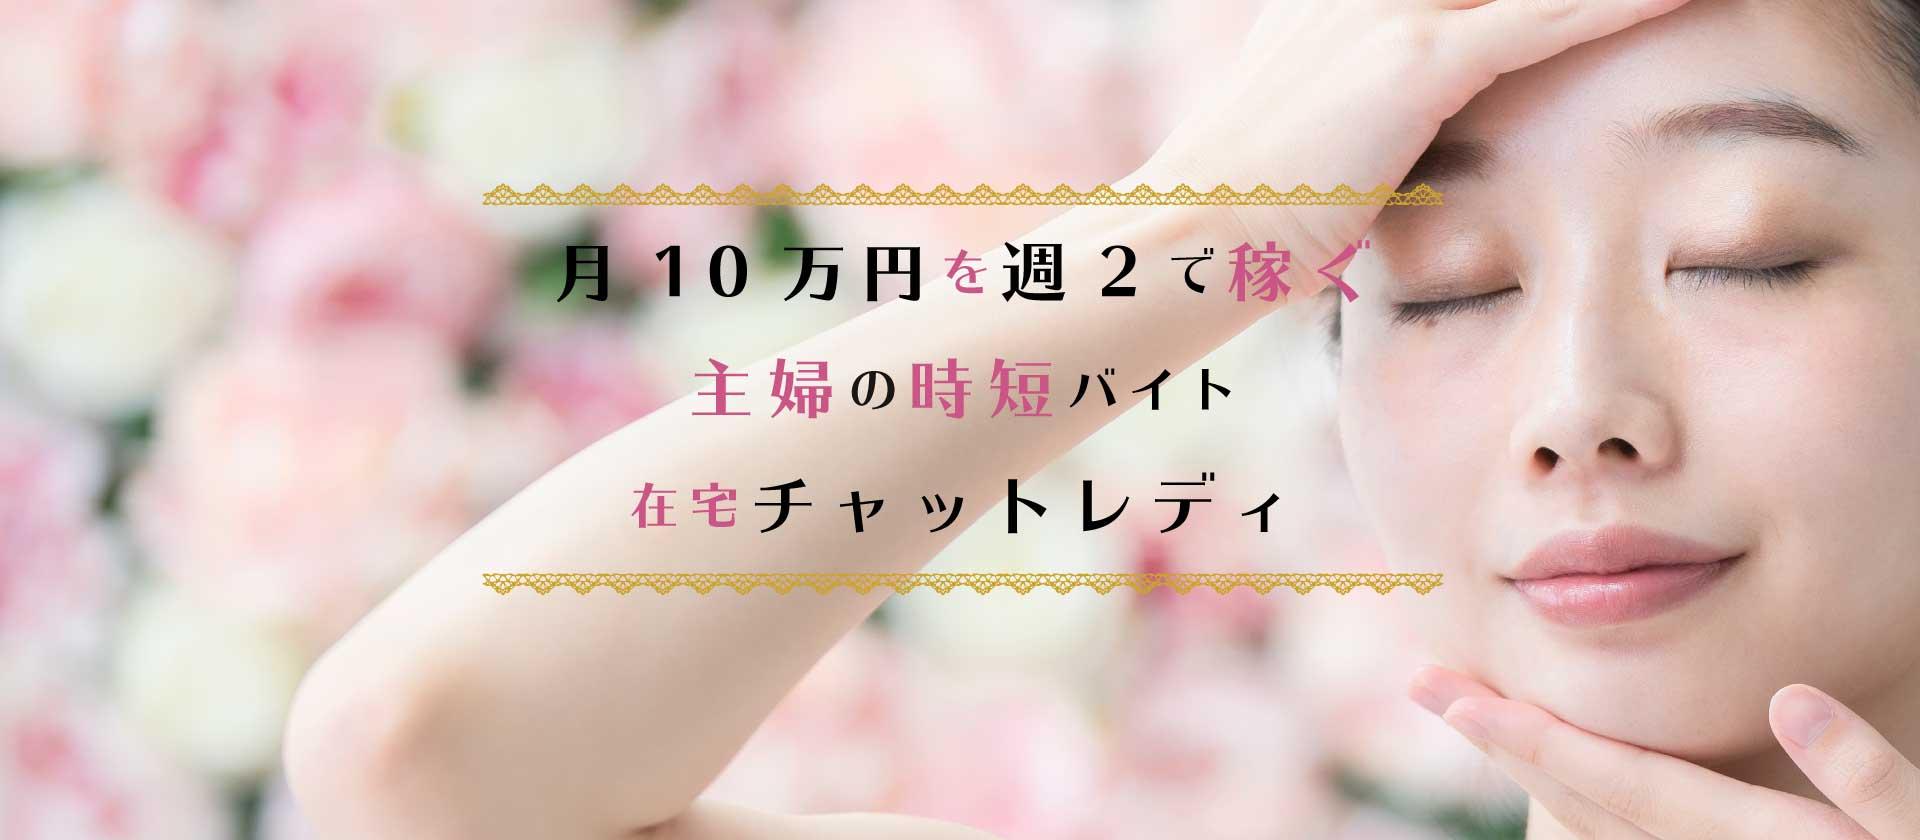 月10万円を週2で稼ぐ